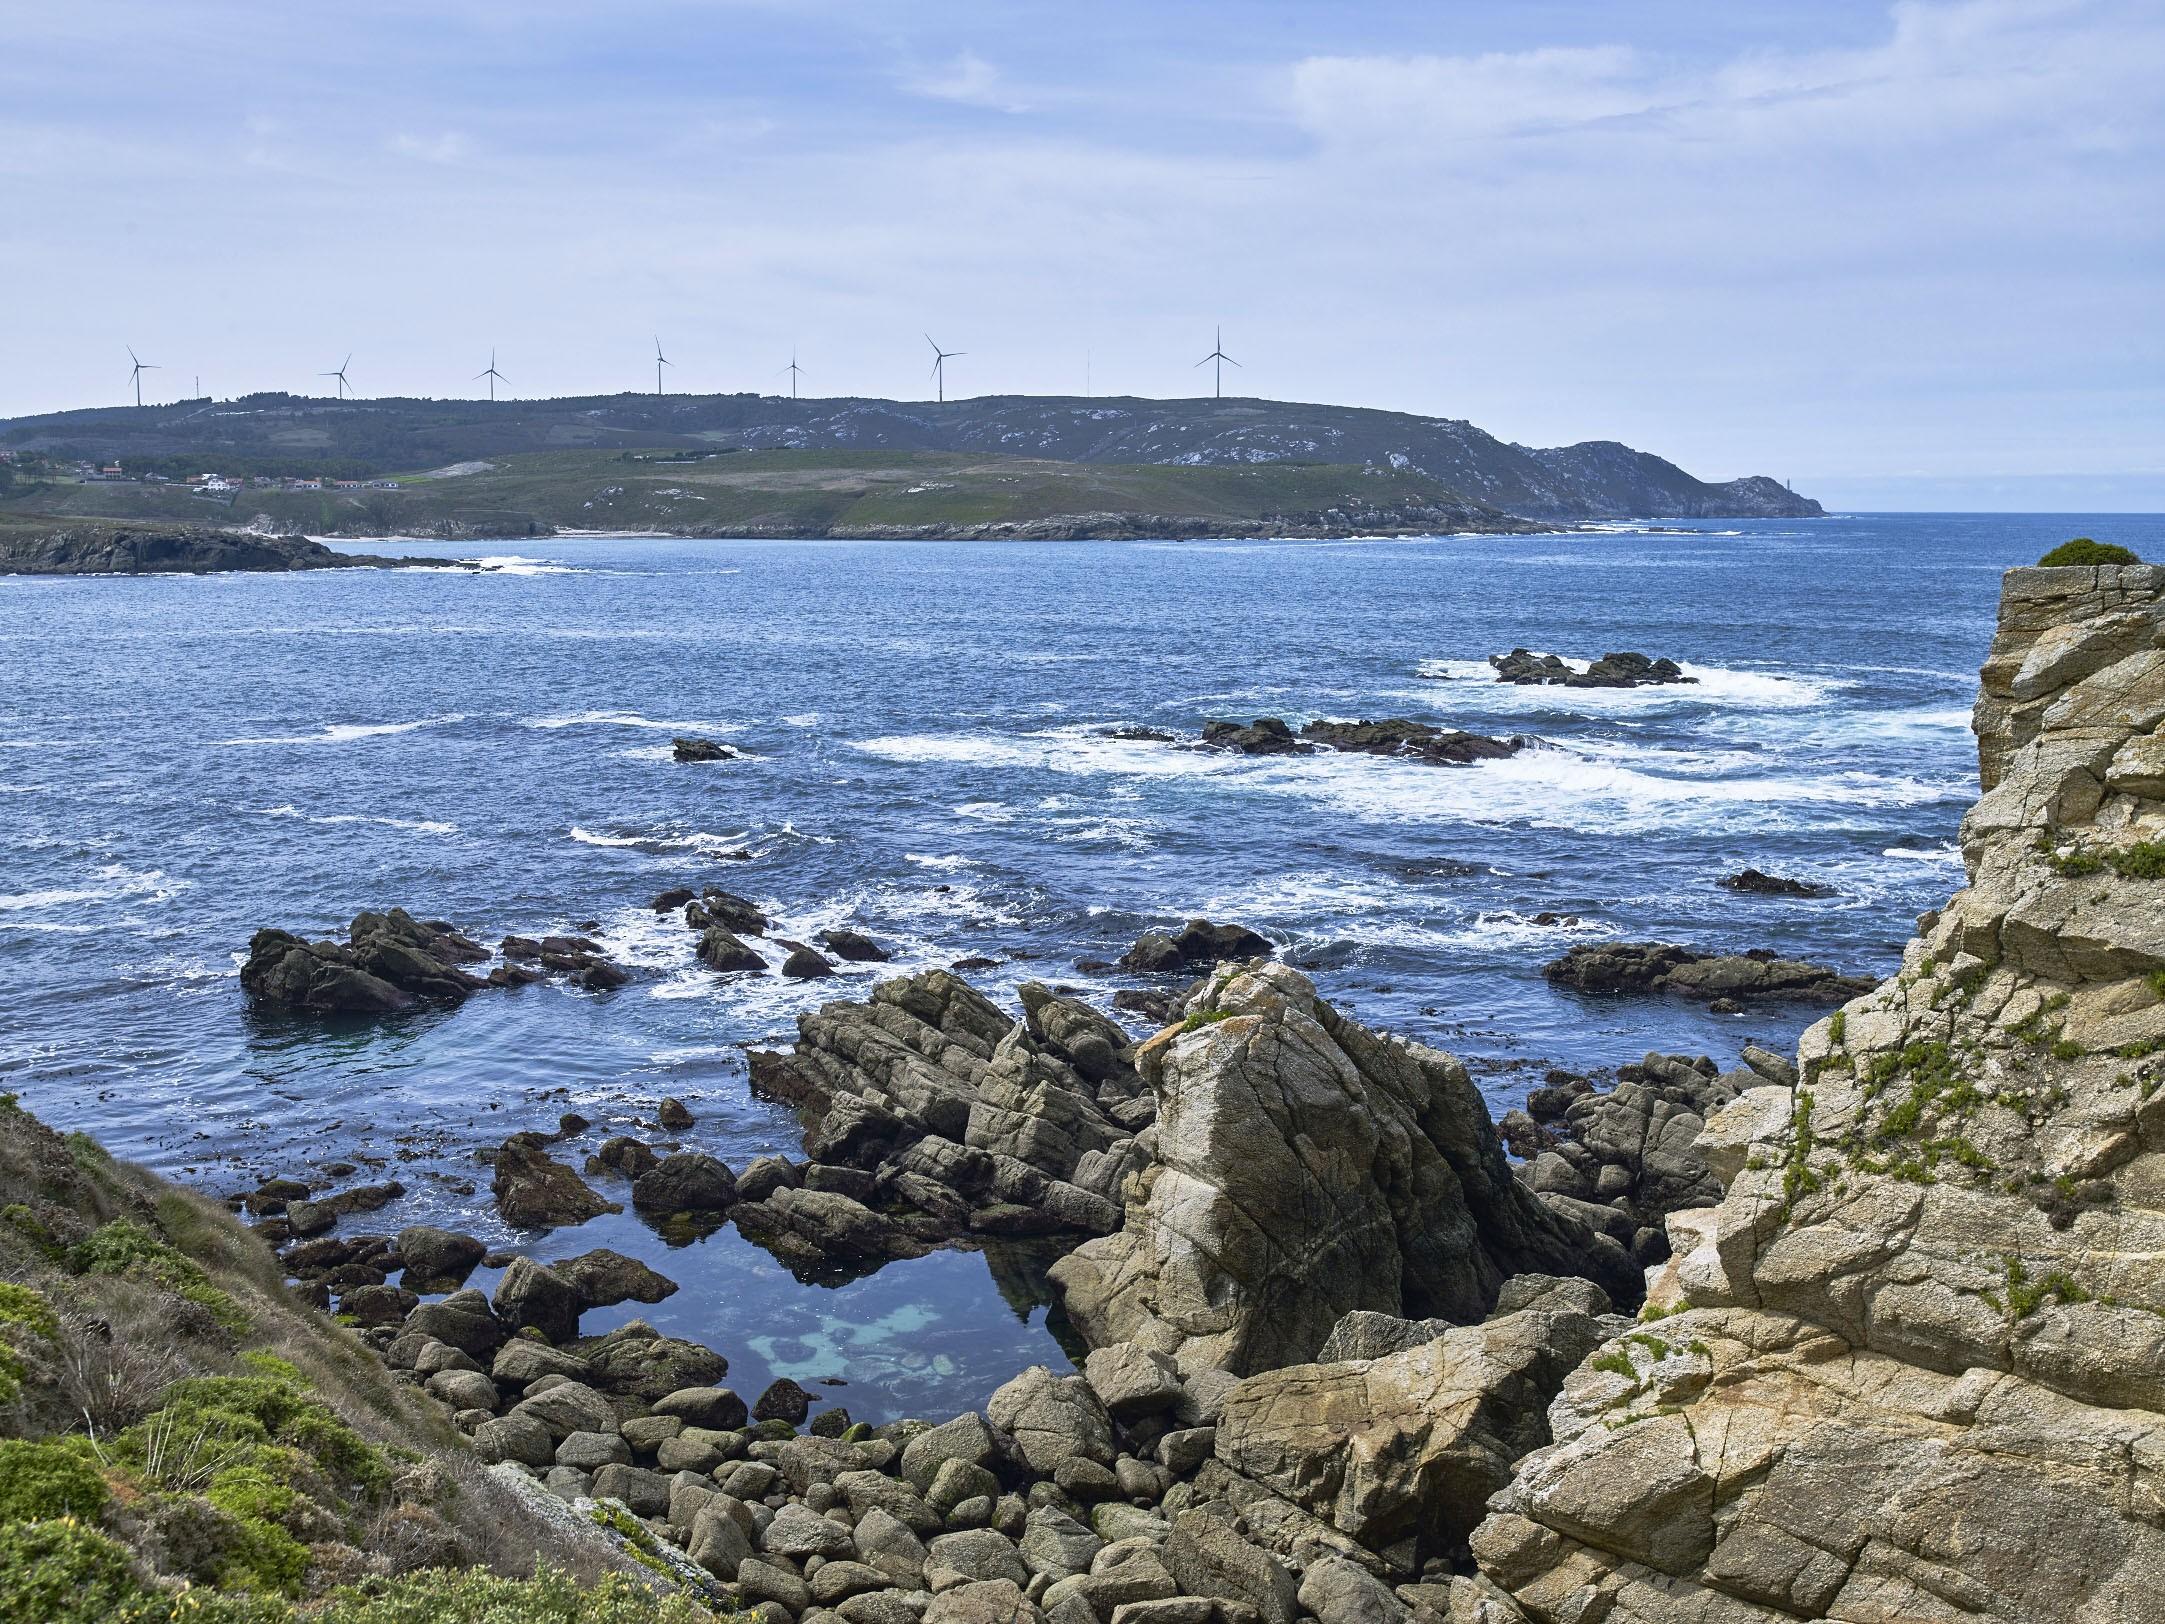 Parque eólico Malpica. Galicia